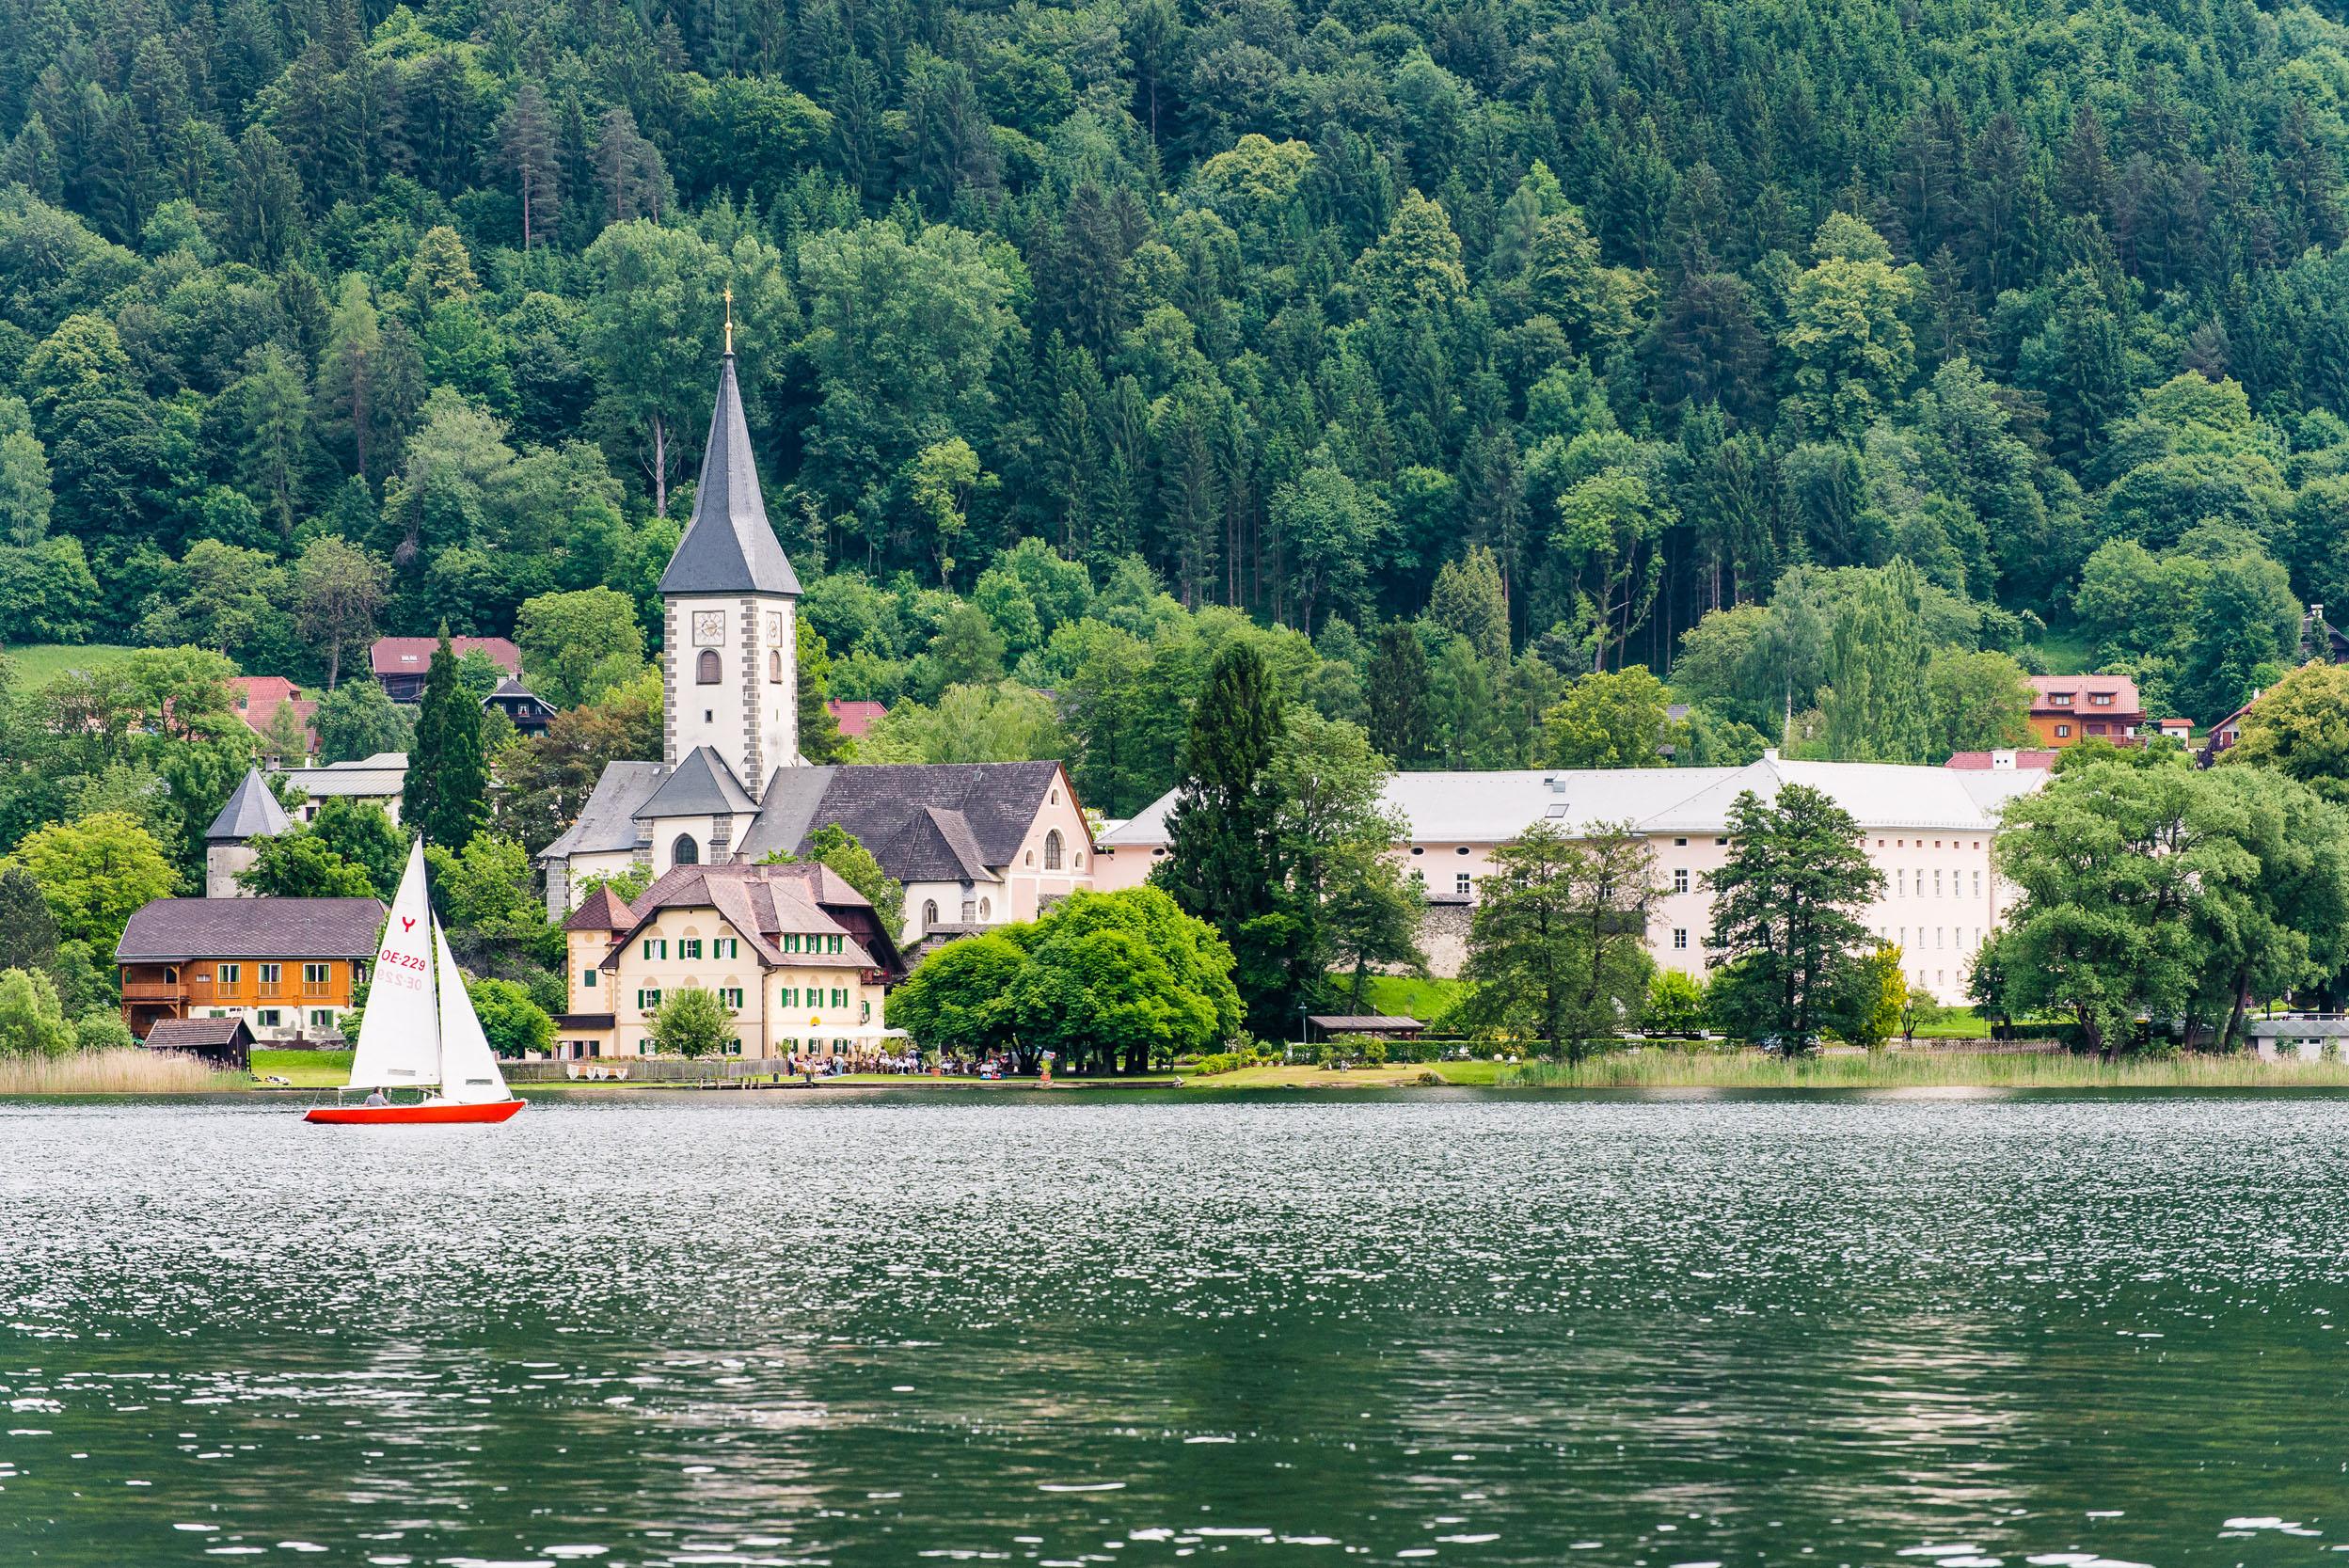 Ein Boot fährt über den See an der Stadt mit vielen barrierefreien Ausflugszielen in Kärnten vorbei